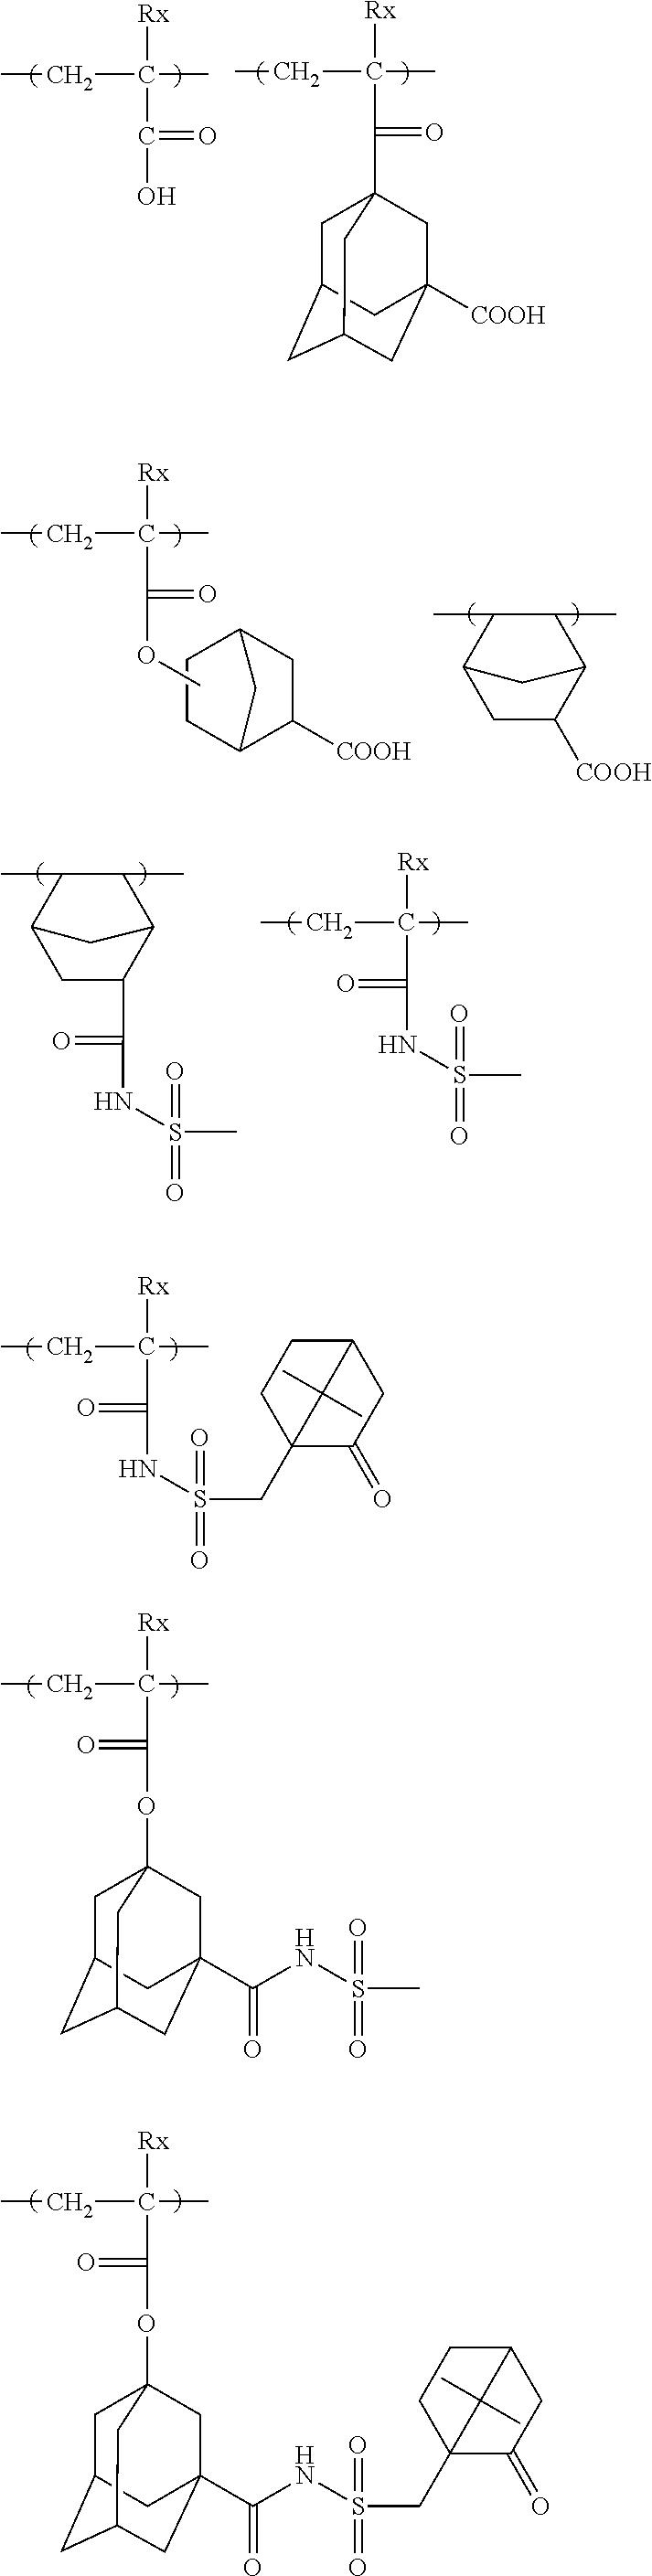 Figure US20110183258A1-20110728-C00056